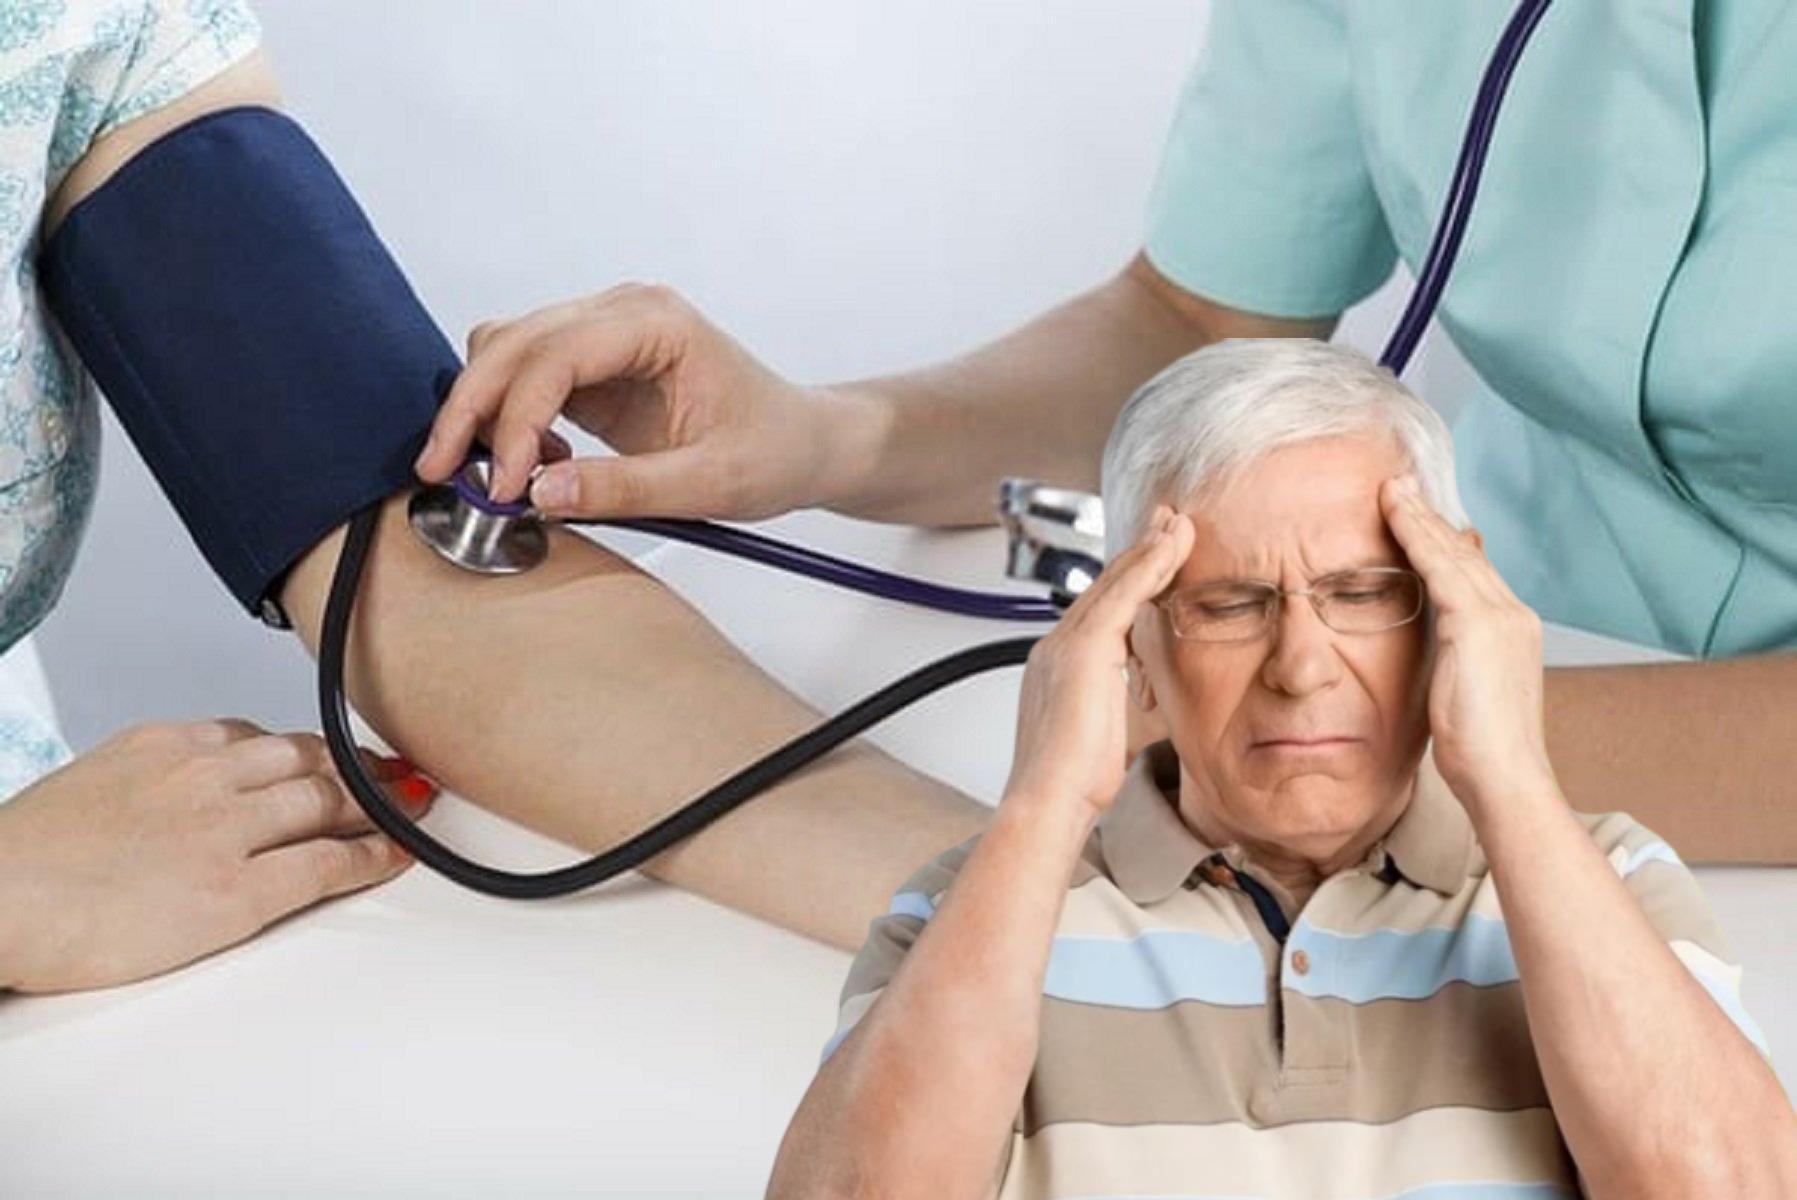 Гипертония - что это такое? симптомы и лечение 1, 2 и 3 степени гипертонии